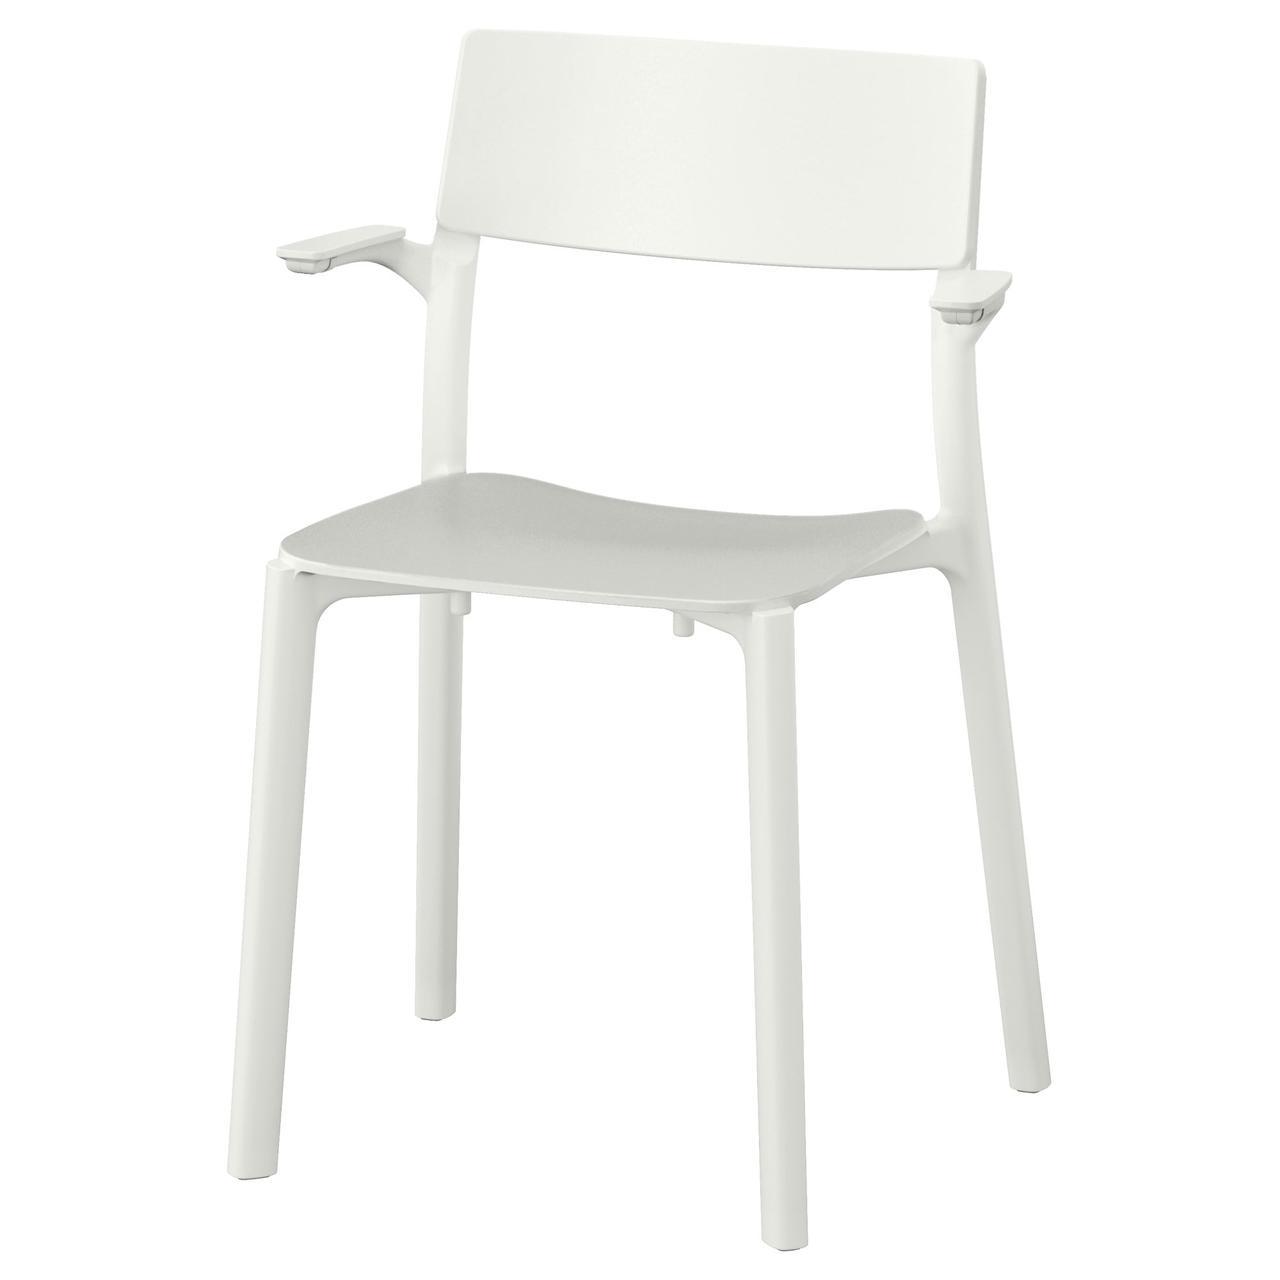 ЯН-ИНГЕ Легкое кресло, белый